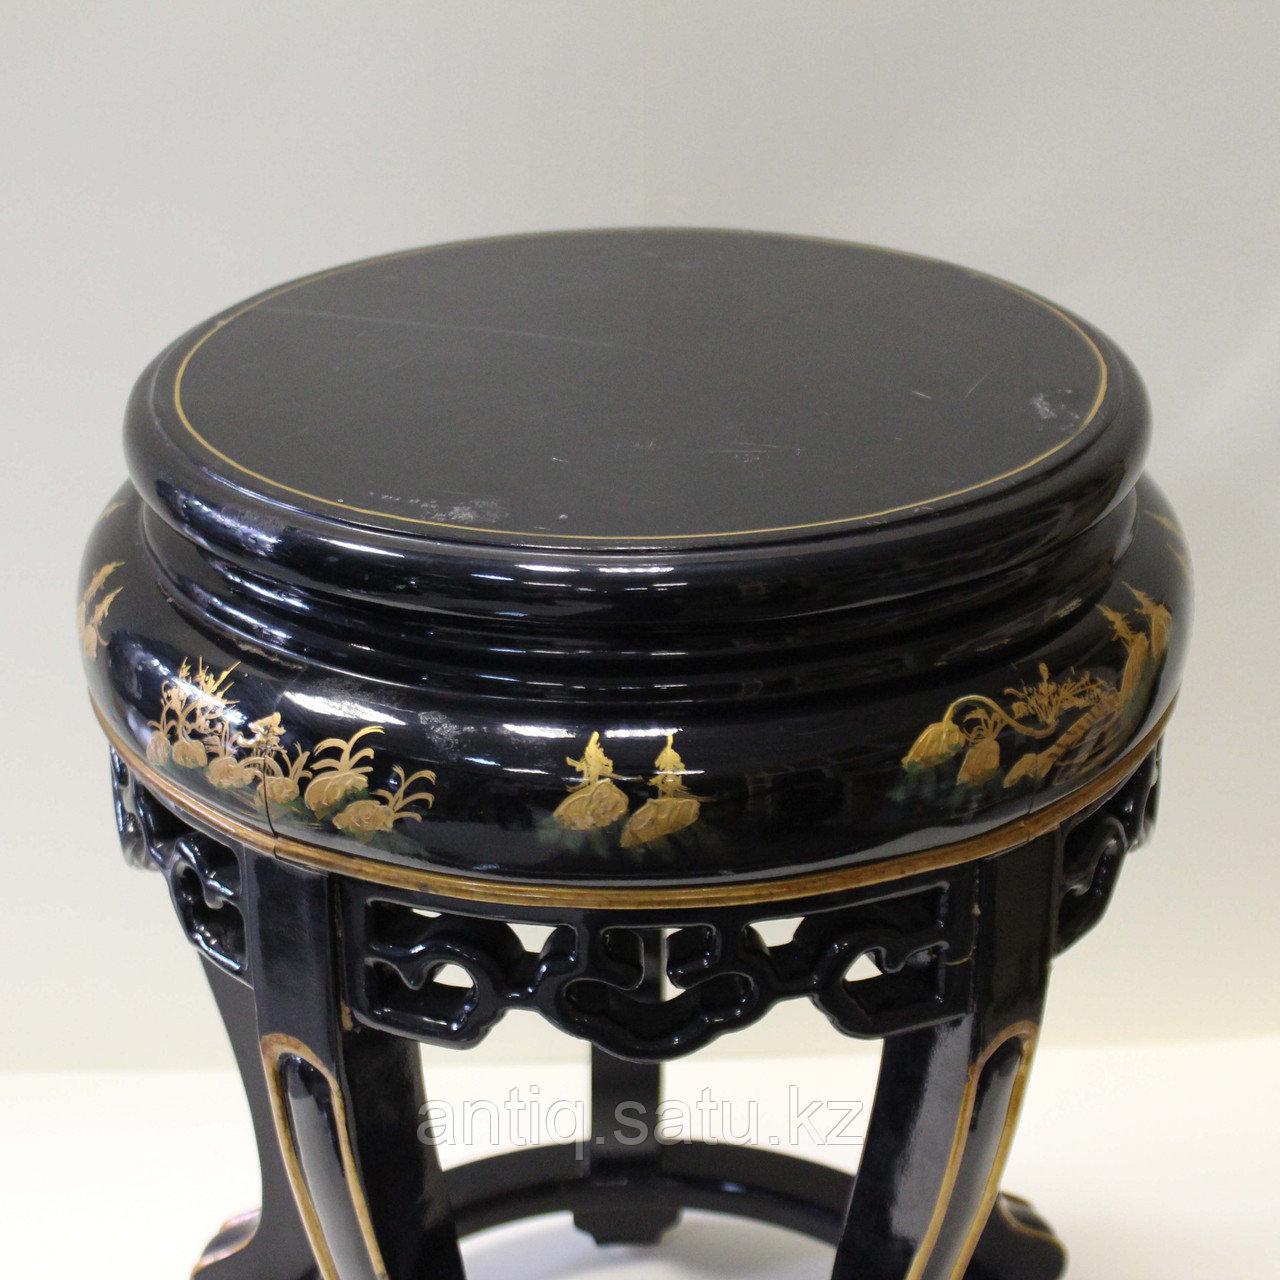 Журнальный столик с черным лаком. Китай (Шинуазри) - фото 7